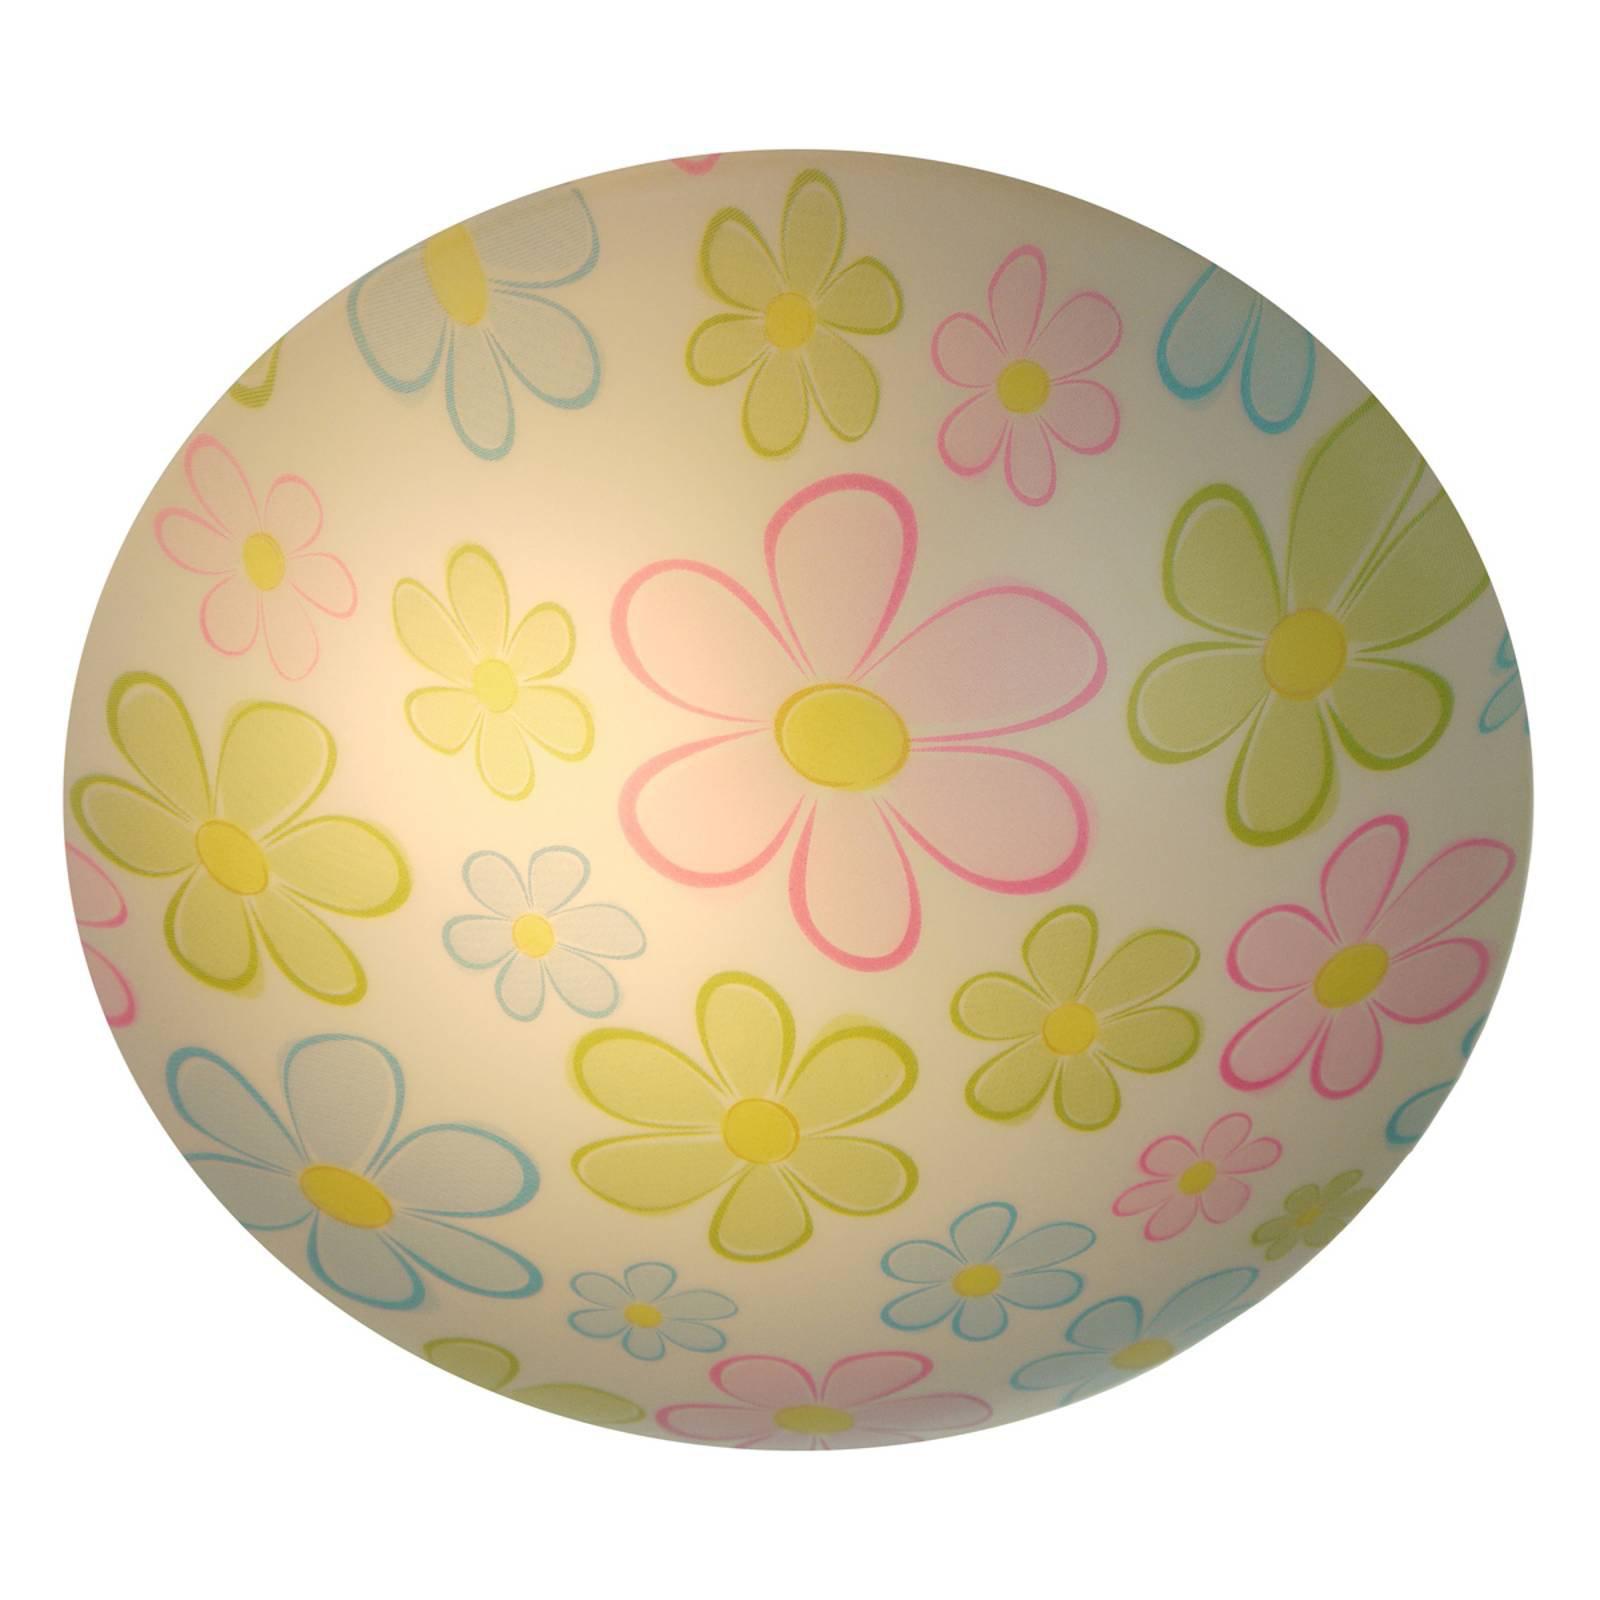 Rund taklampe til barnerommet med fargede blomster